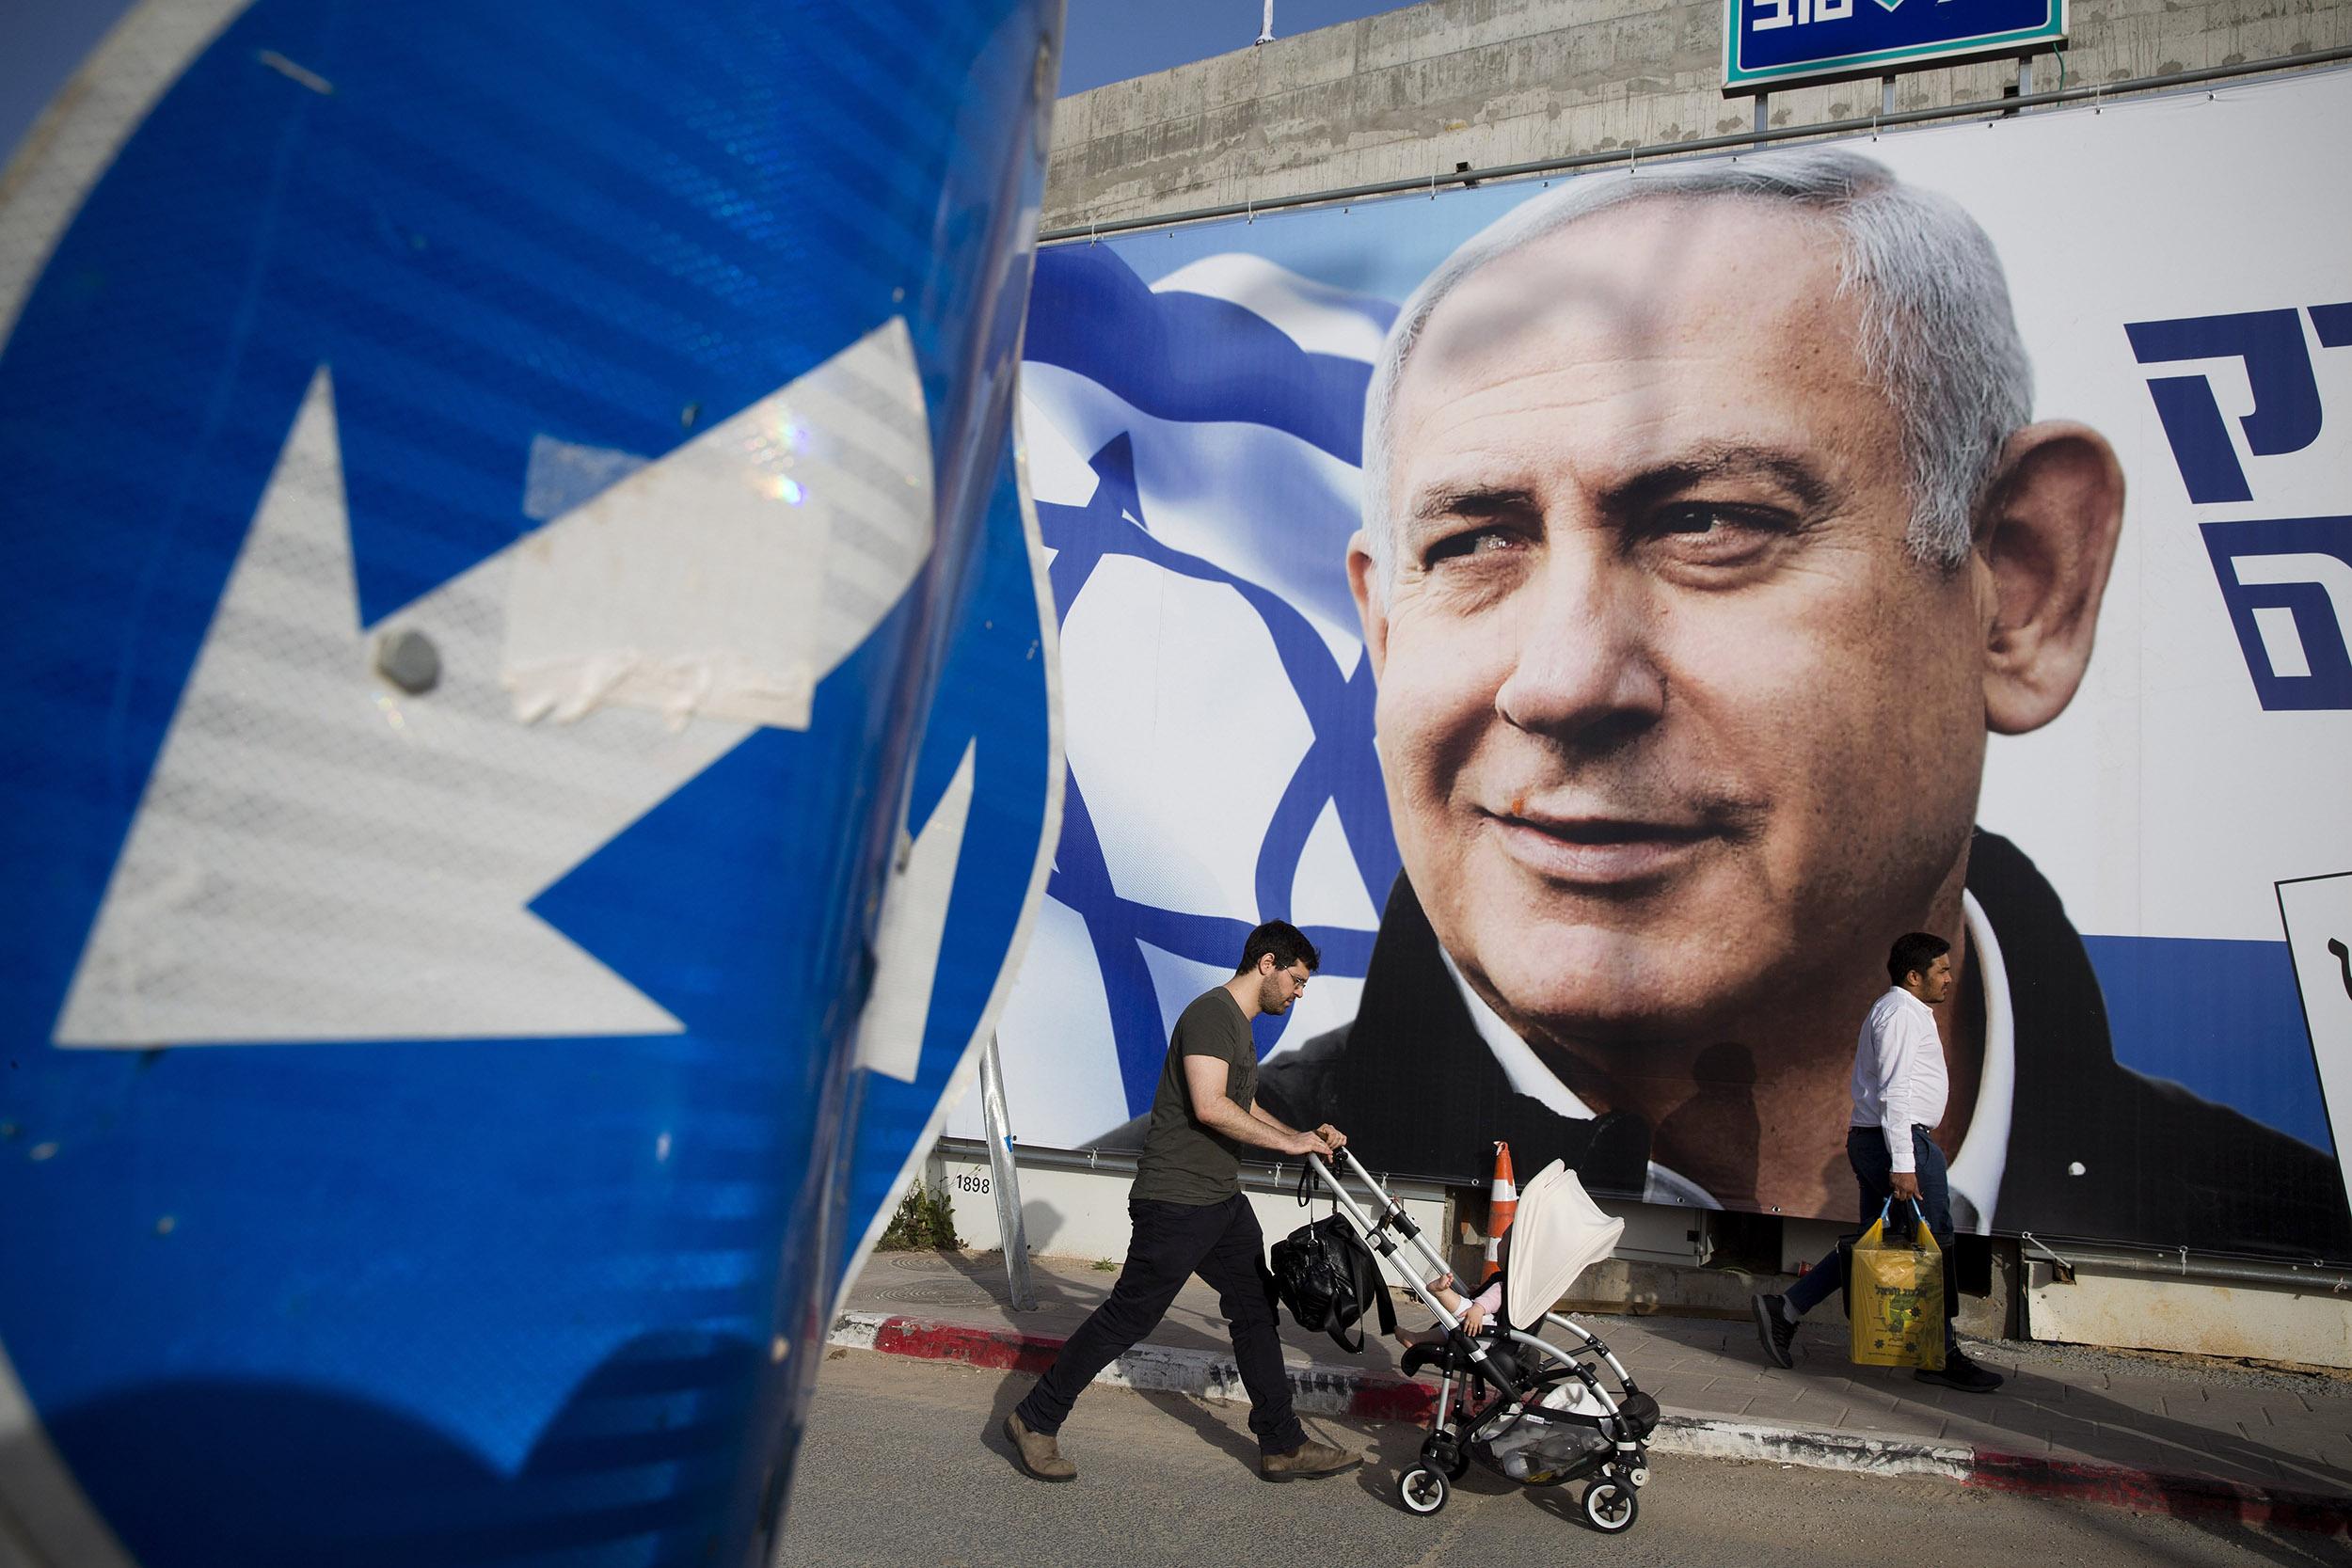 190408-israel-elections-mc-850_7fab8010c97fdb8d17147a0c54fa80ae